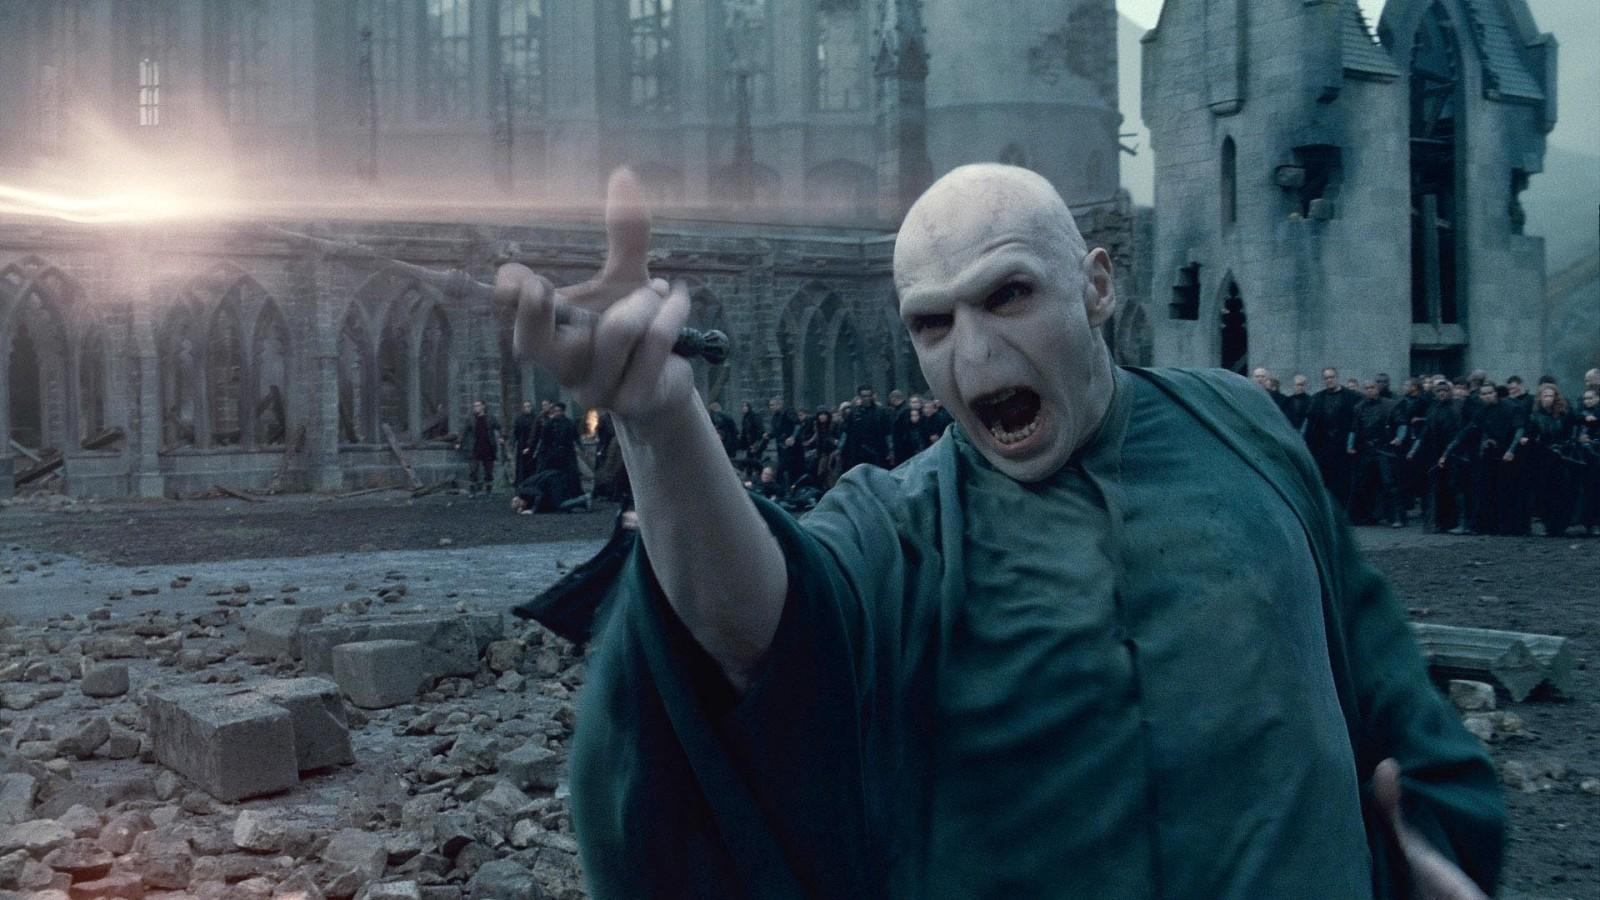 Harry Potter: Představitel Voldemorta nechápe jedovatost, s jakou lidé odsuzují J.K. Rowling   Fandíme filmu